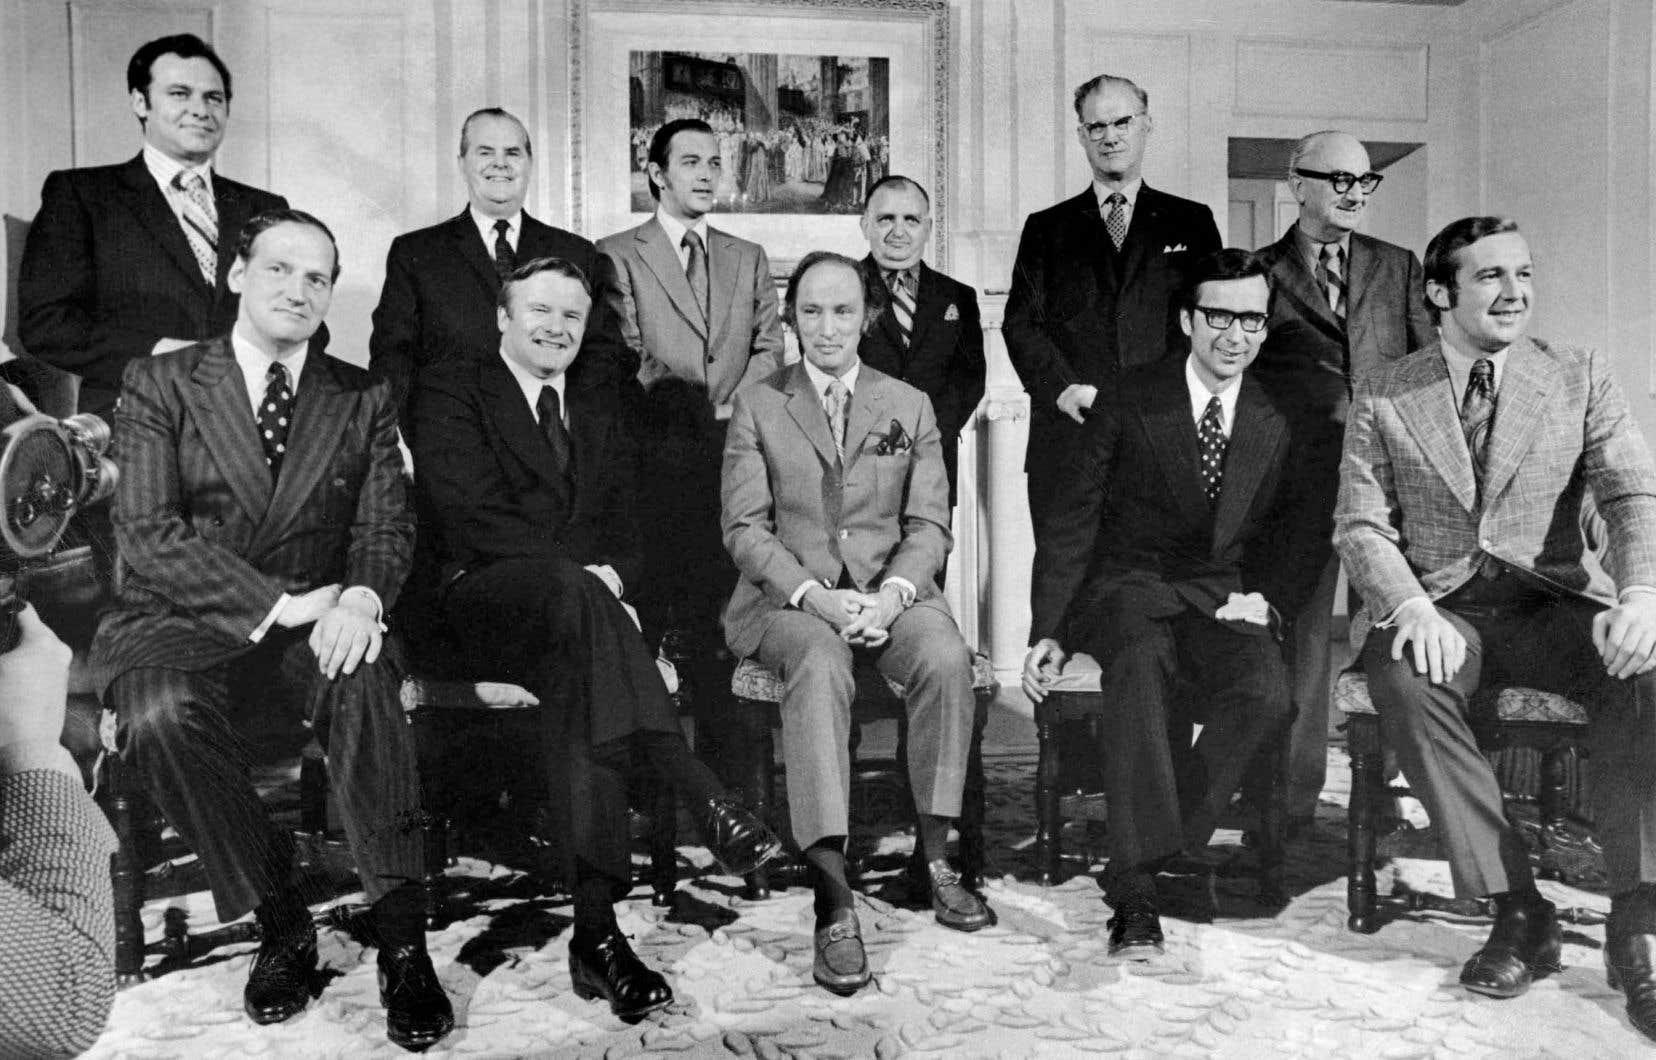 «Il y a cinquante ans cette semaine. Les premiers ministres fédéral et provinciaux s'étaient donné rendez-vous en Colombie-Britannique pour discuter d'un sujet qui est aujourd'hui tabou: la réforme constitutionnelle», rappelle l'auteur.